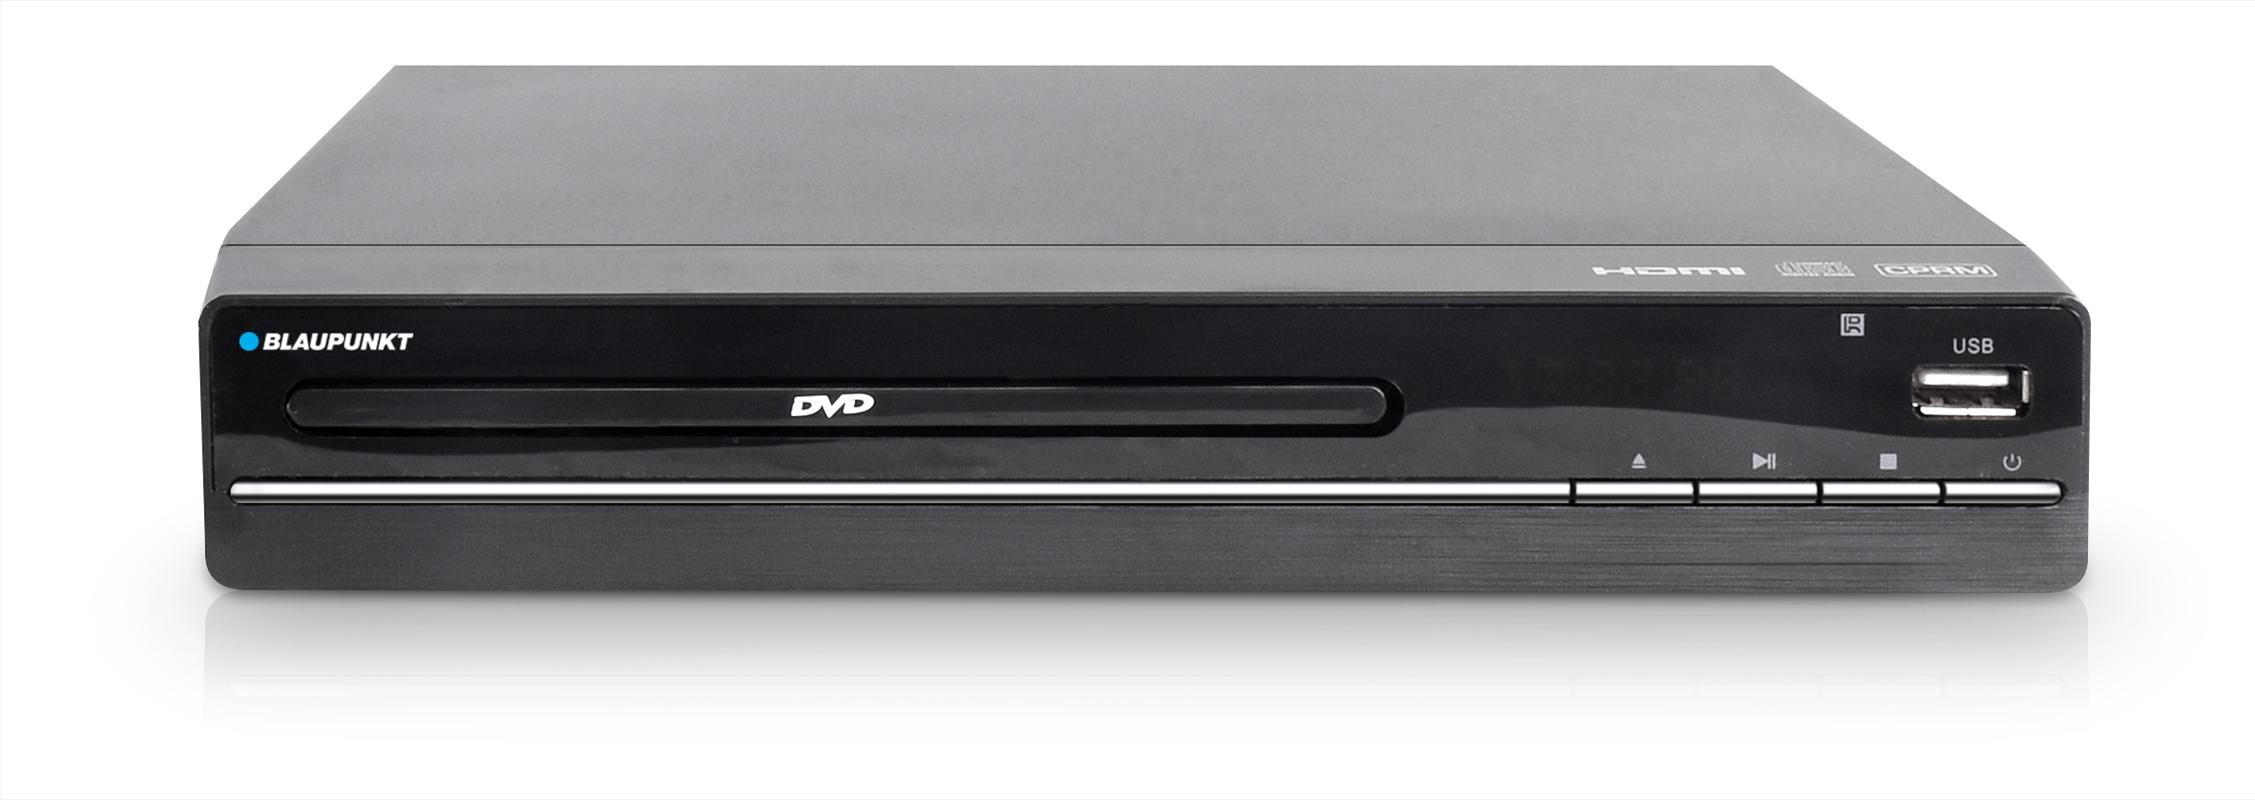 Blaupunkt 2.0CH DVD Player - Black   Merchandise